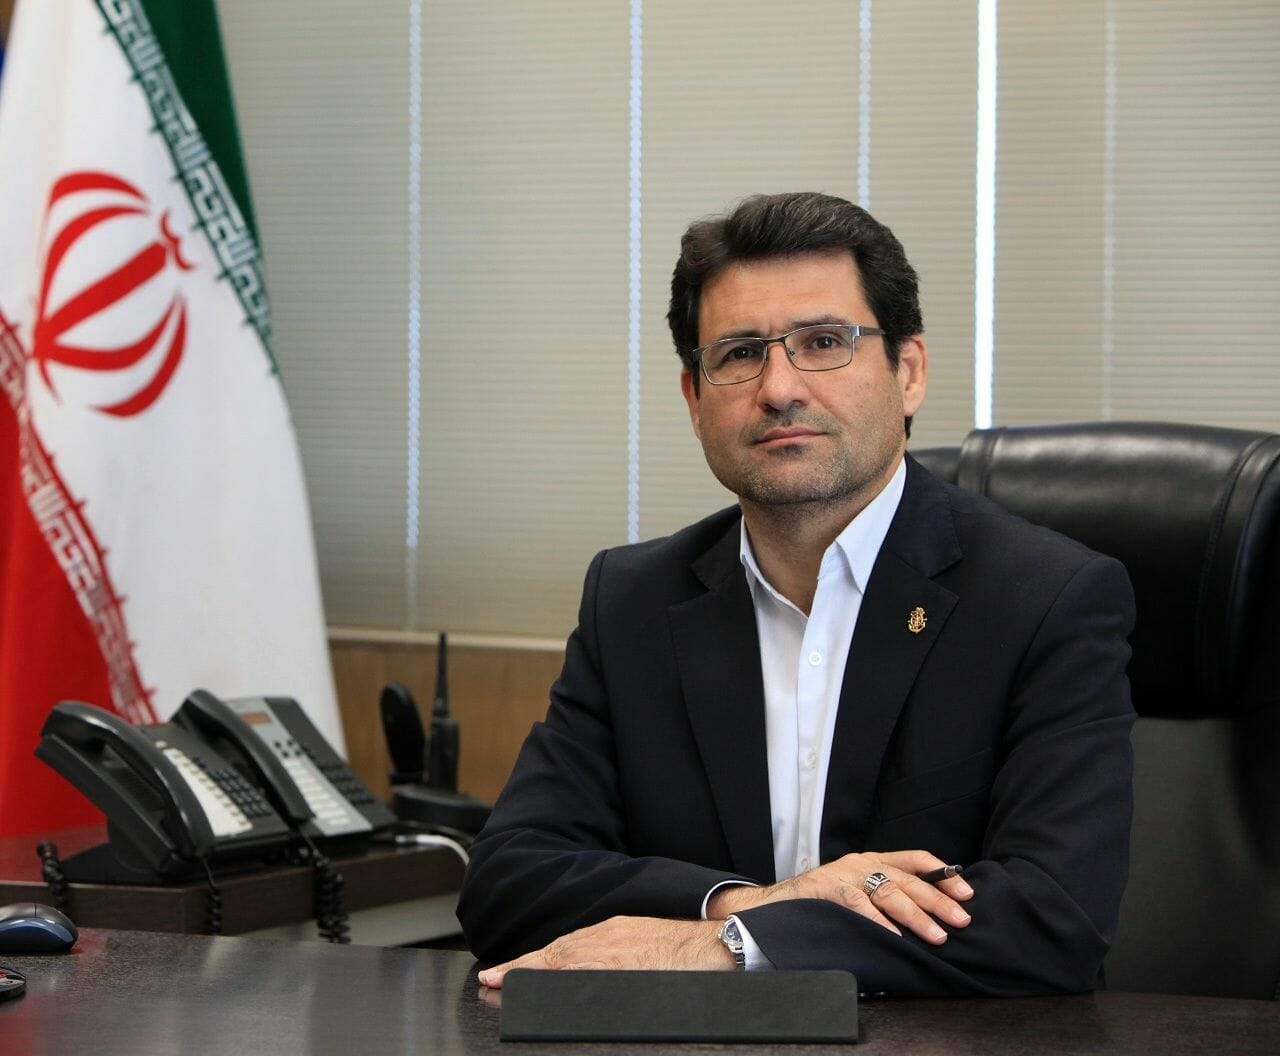 موفقیت بخش دریایی ایران با وجود تحریمهای شدید کشتیرانی